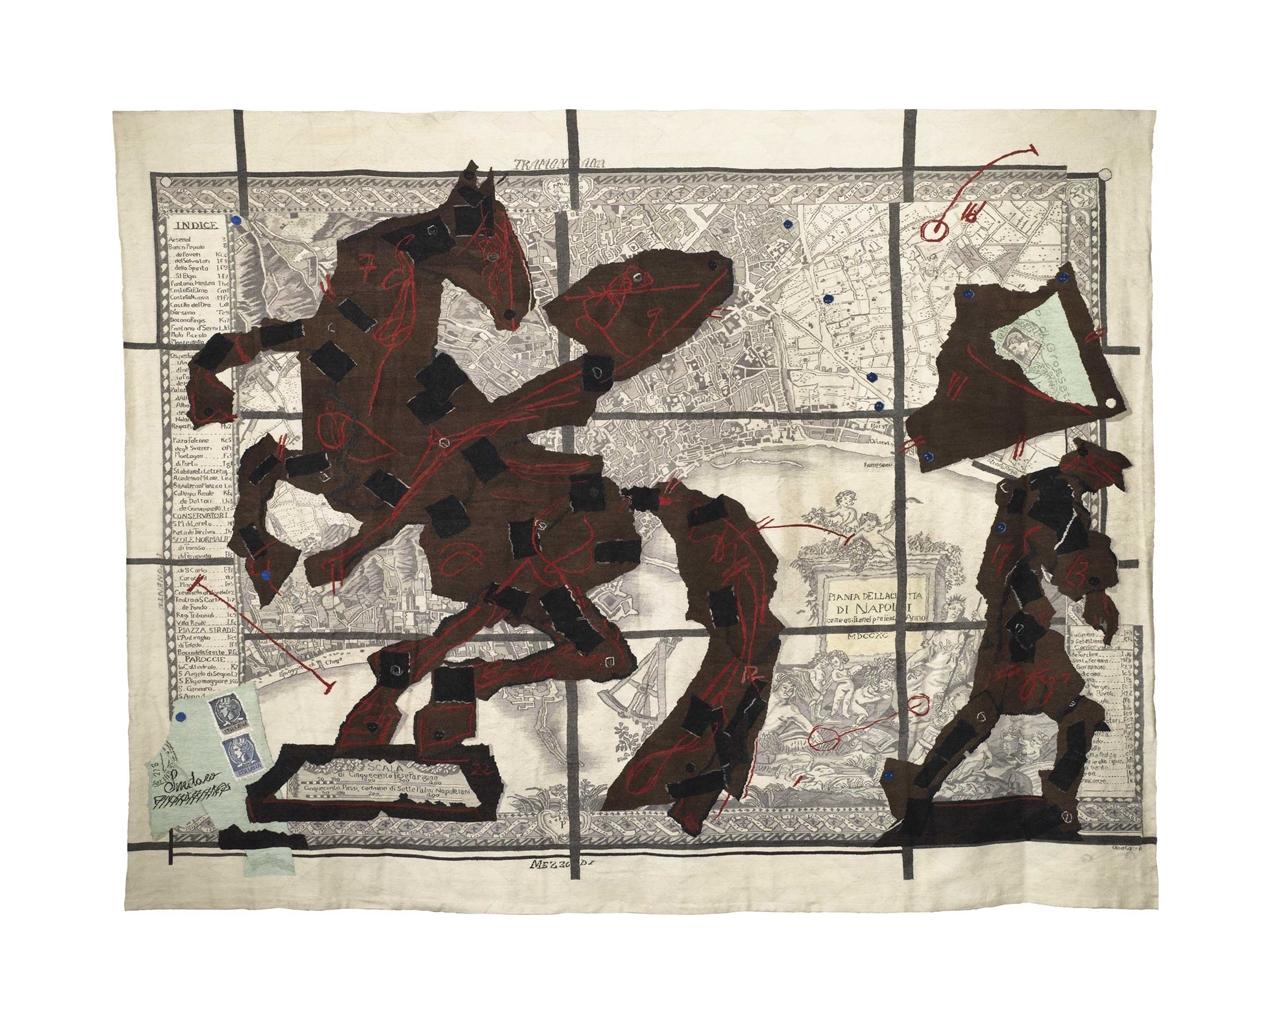 William Kentridge-Pianta della Citta di Napoli-2011